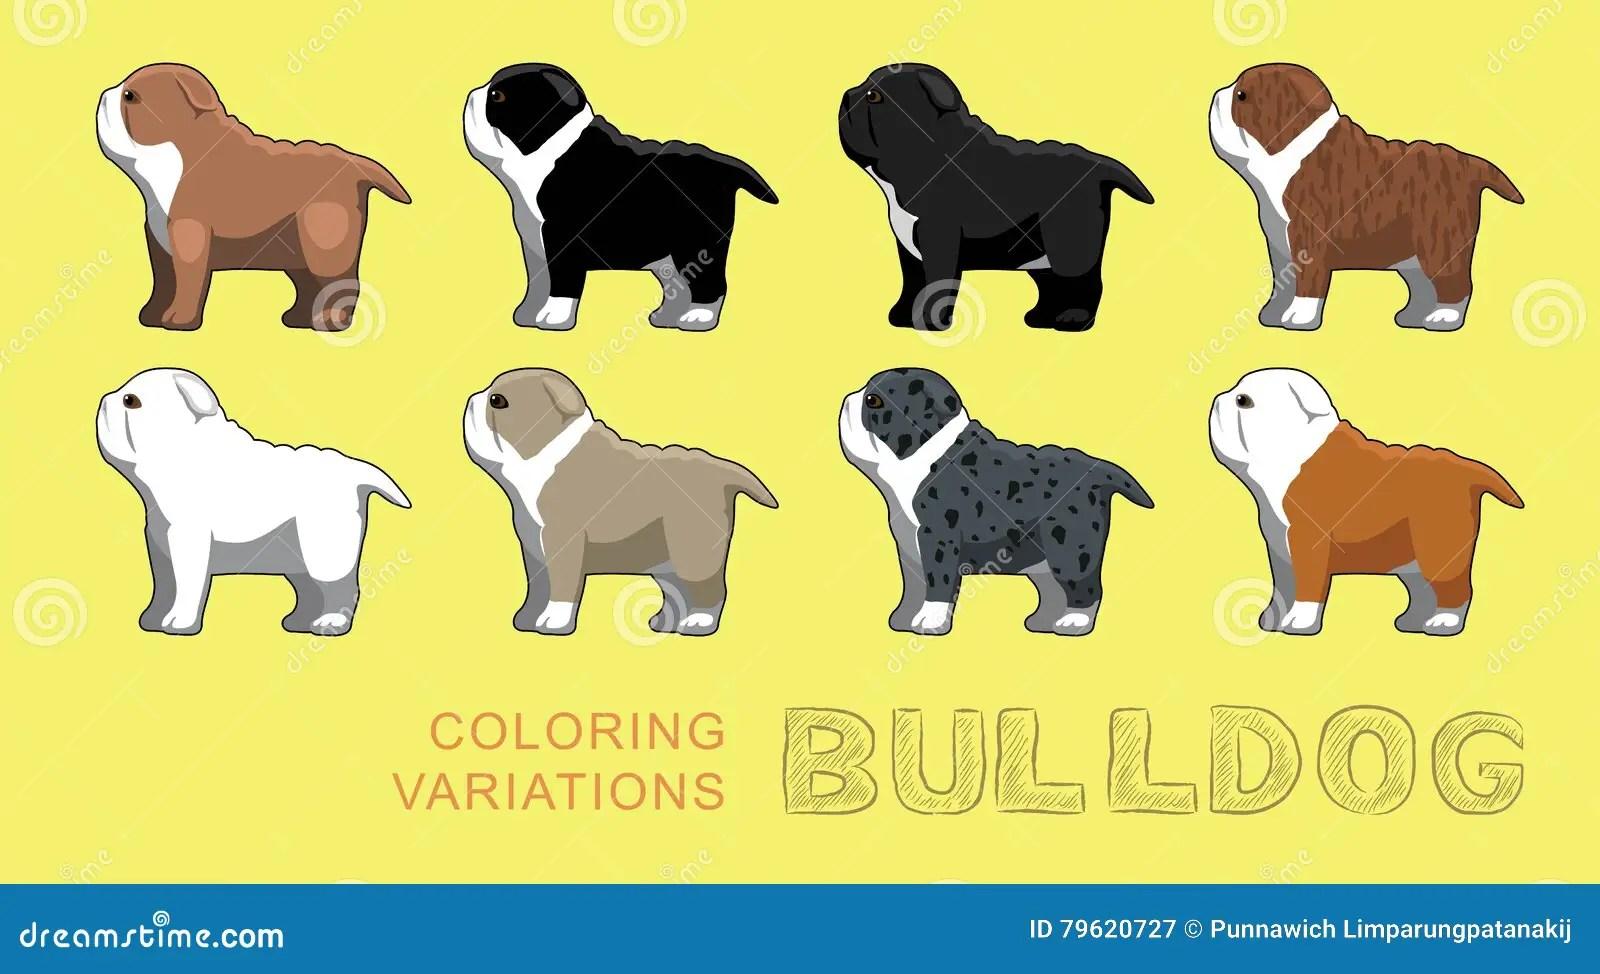 Dog Bulldog Coloring Variations Vector Illustration Stock Vector Illustration Of Blue Lilac 79620727